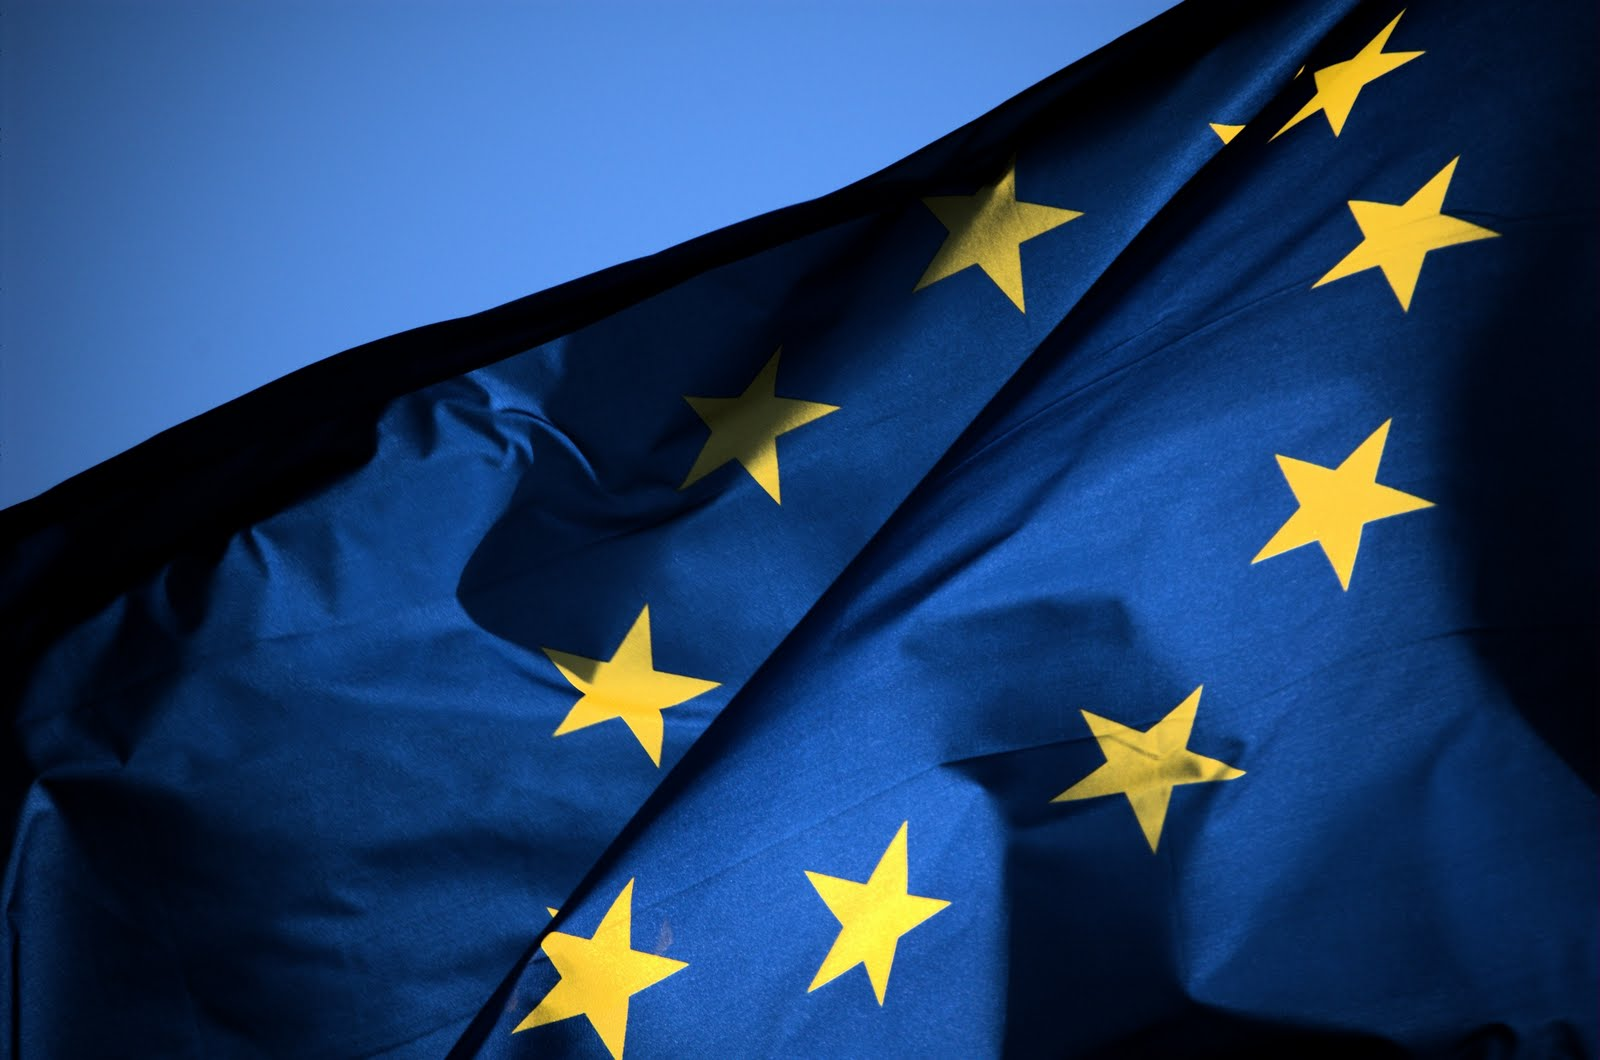 Uniunea Europeană închide oficial granițele externe pe o perioadă de 30 de zile